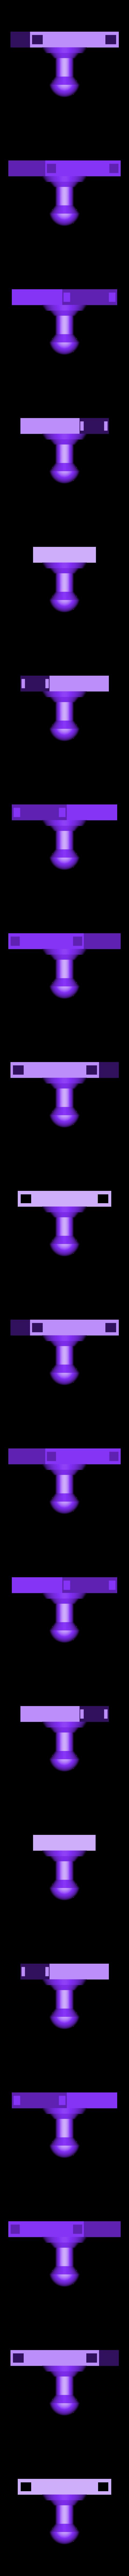 ElegantHolder.stl Télécharger fichier STL gratuit Buvard à bascule imprimable • Plan pour impression 3D, Kellywatchthestars